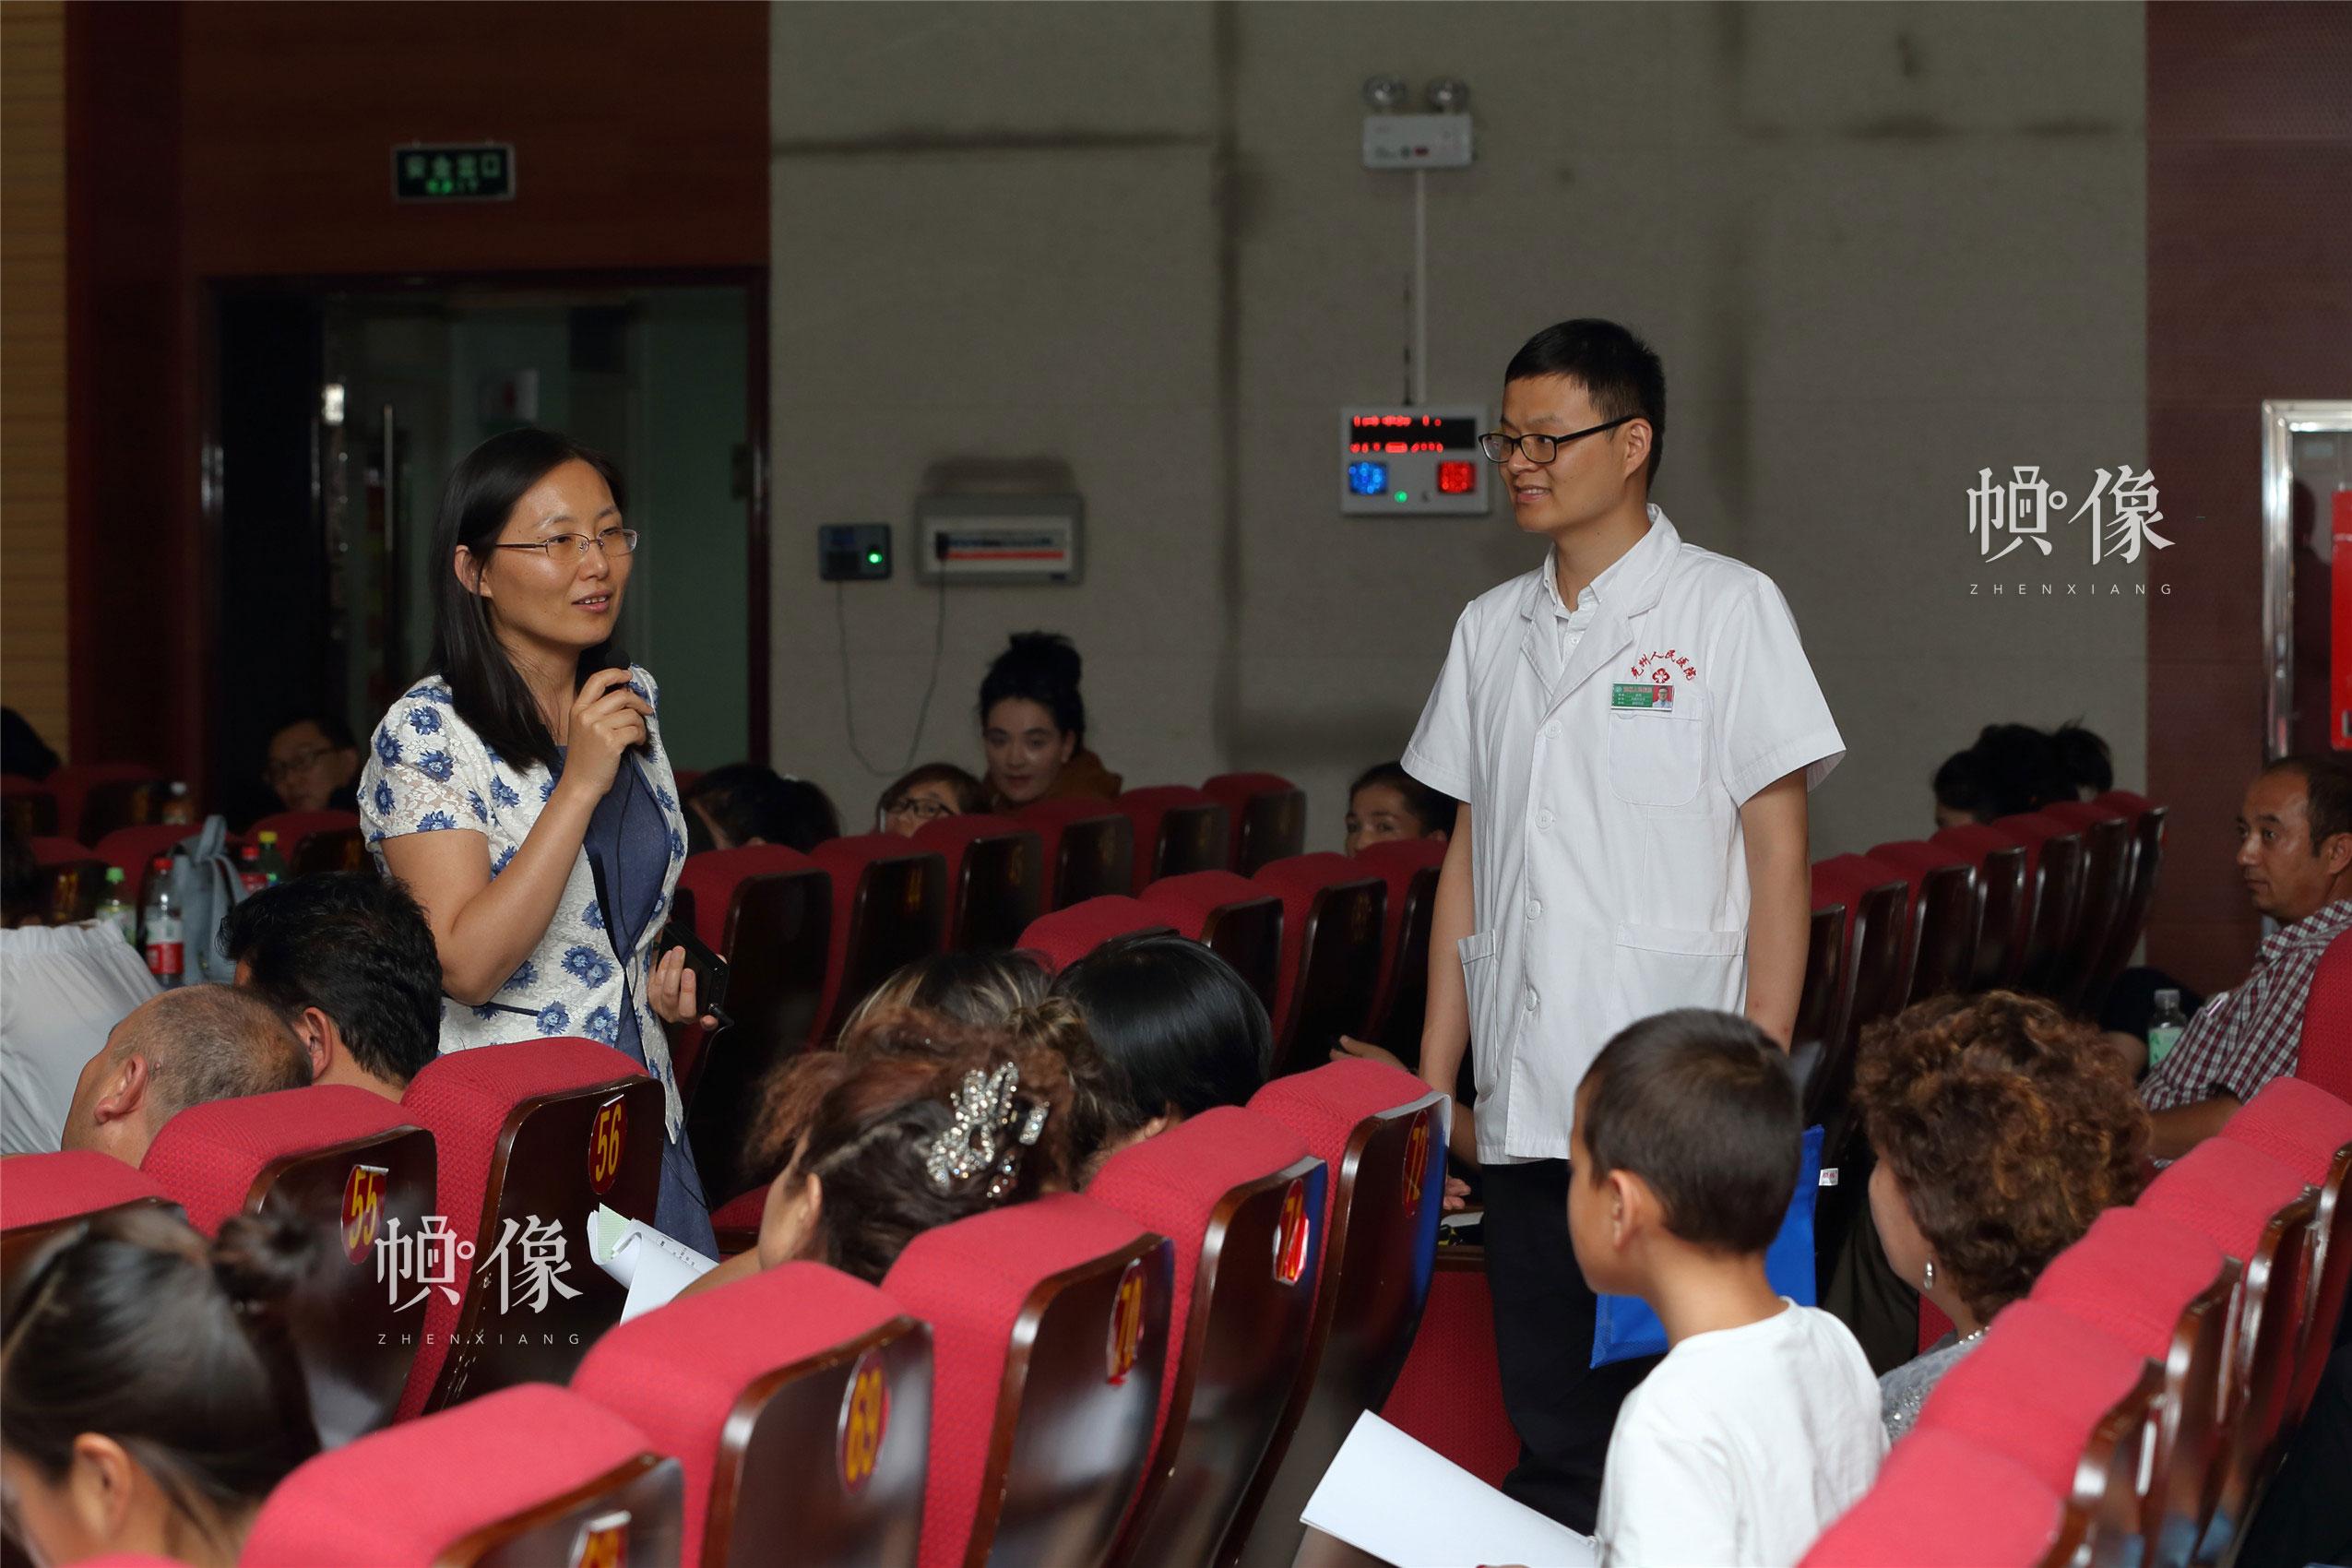 """图为北大医院主任医师、""""全国儿科医师专项培训项目"""" 培训课程设置负责人齐建光为当地医生进行培训。中国网记者 陈维松 摄"""